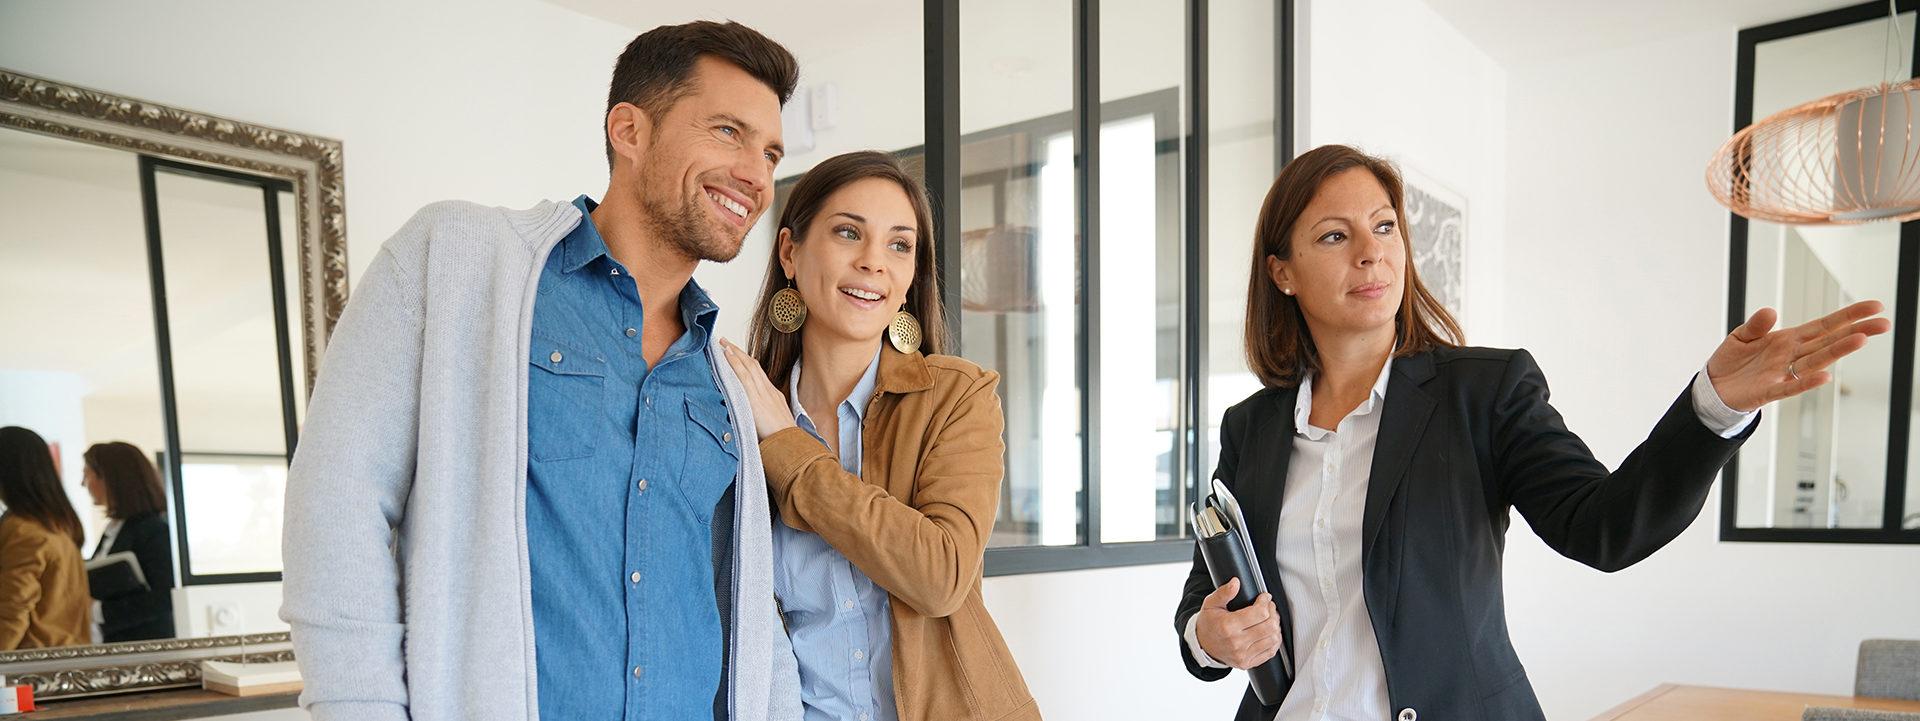 Witamy na naszej stronie | Zapewniamy profesjonalną prezentację nieruchomości!